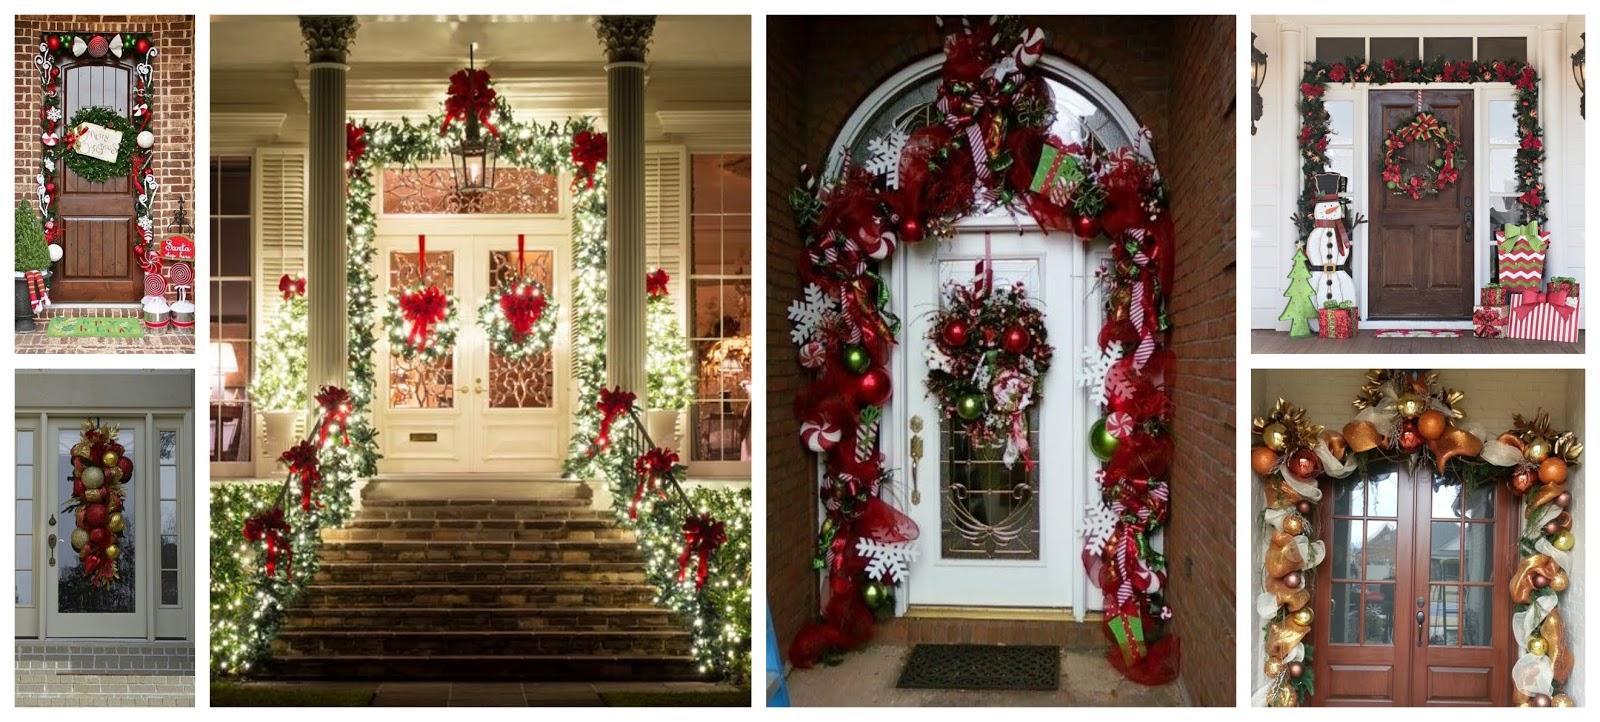 Ideas Para Decorar Puertas En Navidad.15 Ideas Espectaculares Para Decorar Puertas En Navidad